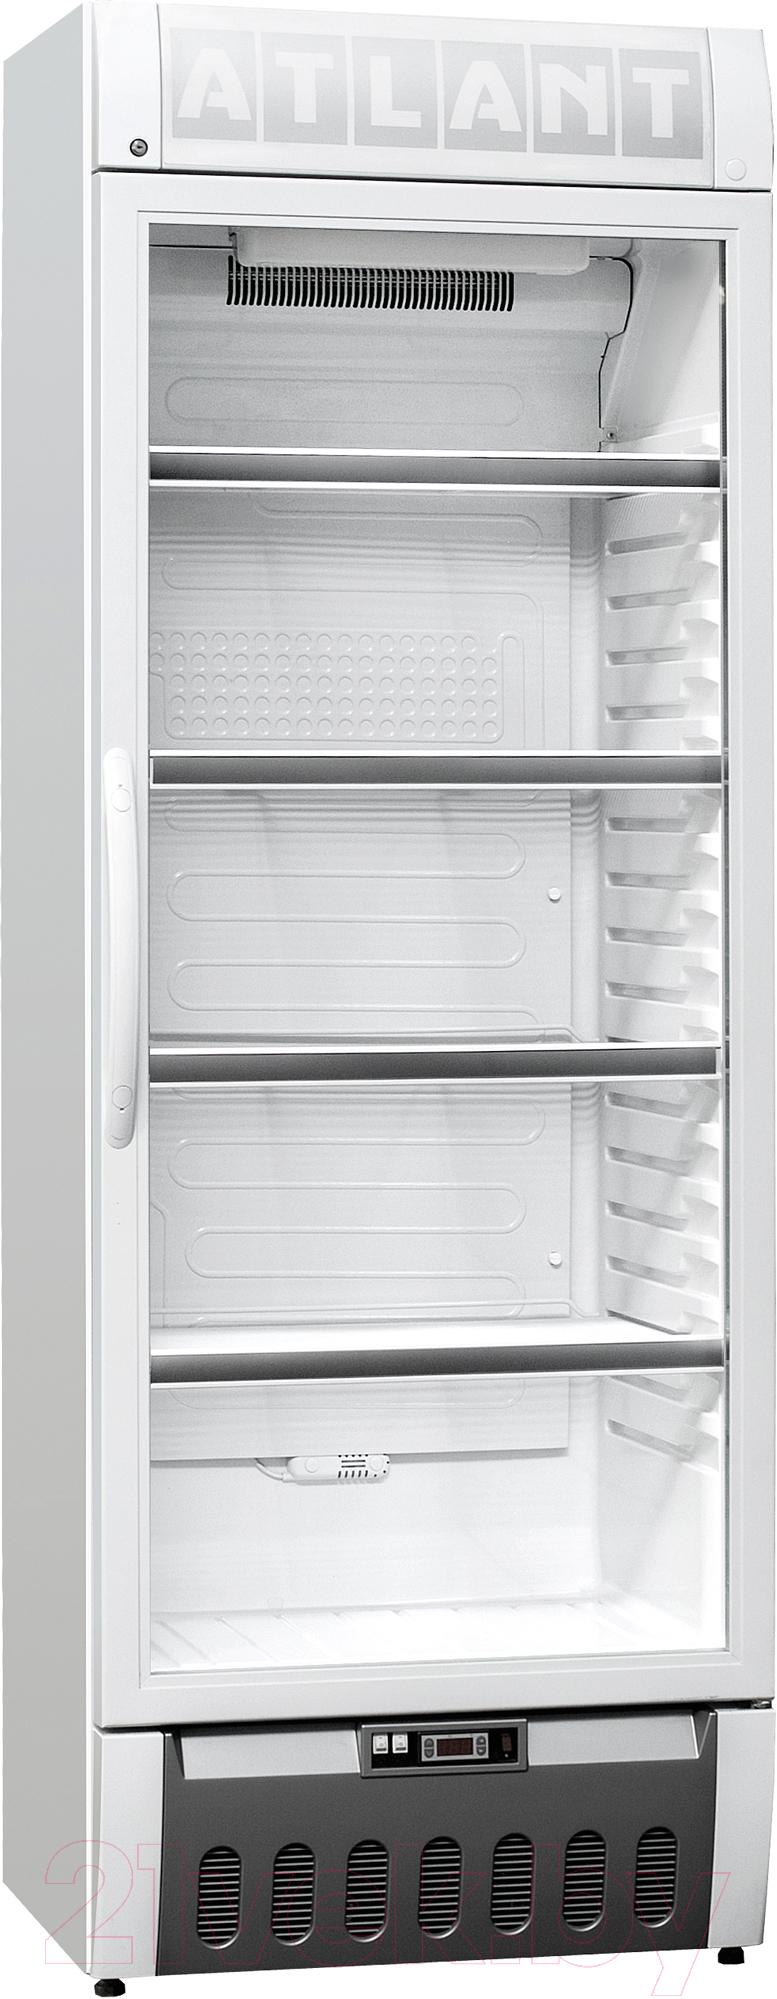 Купить Торговый холодильник ATLANT, ХТ 1006-024, Беларусь